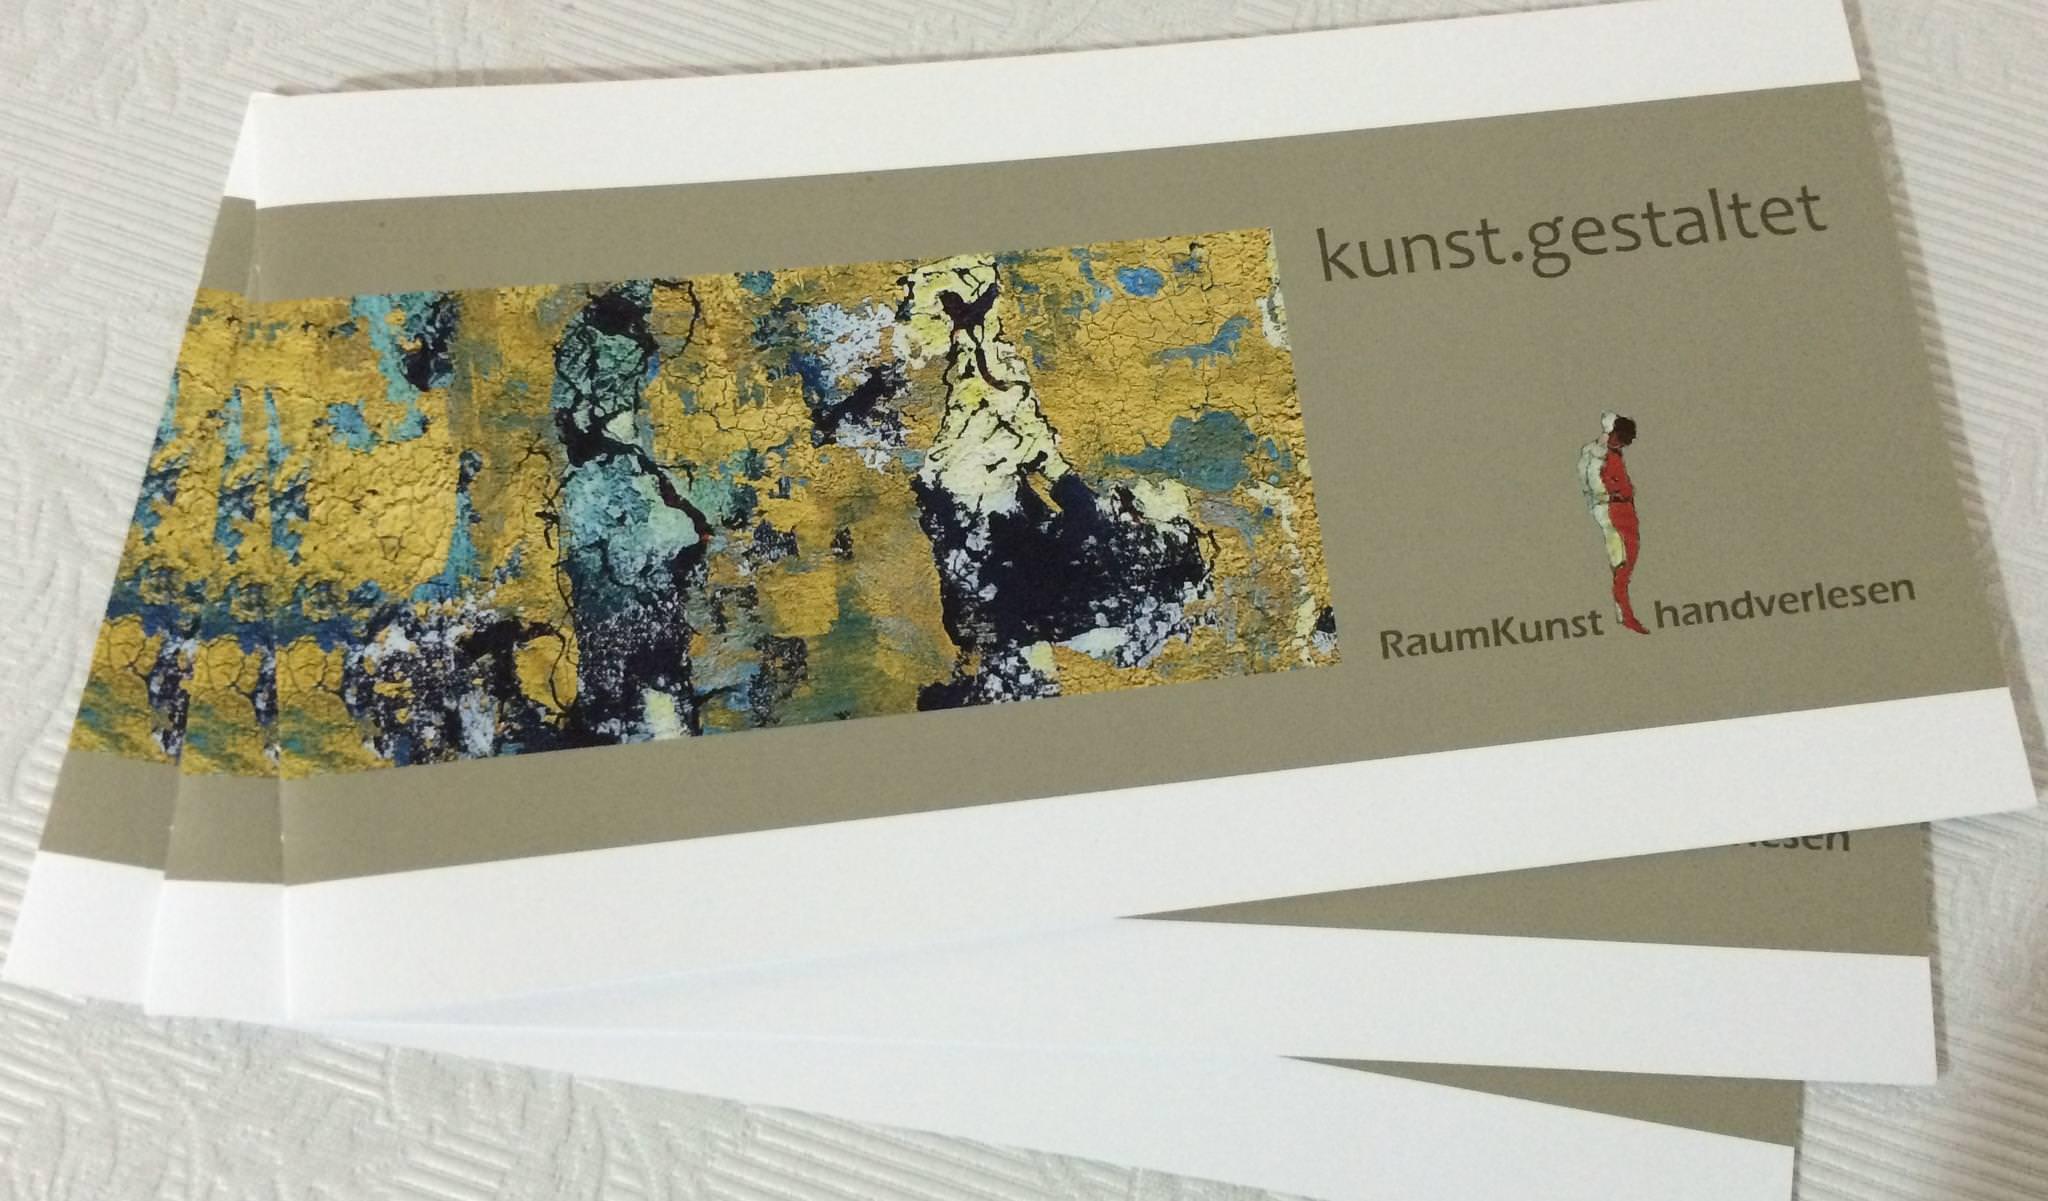 kunst.gestaltet - kunst.bewegt: Editorial, Wording für Leitung Kunstakademie Steiermark